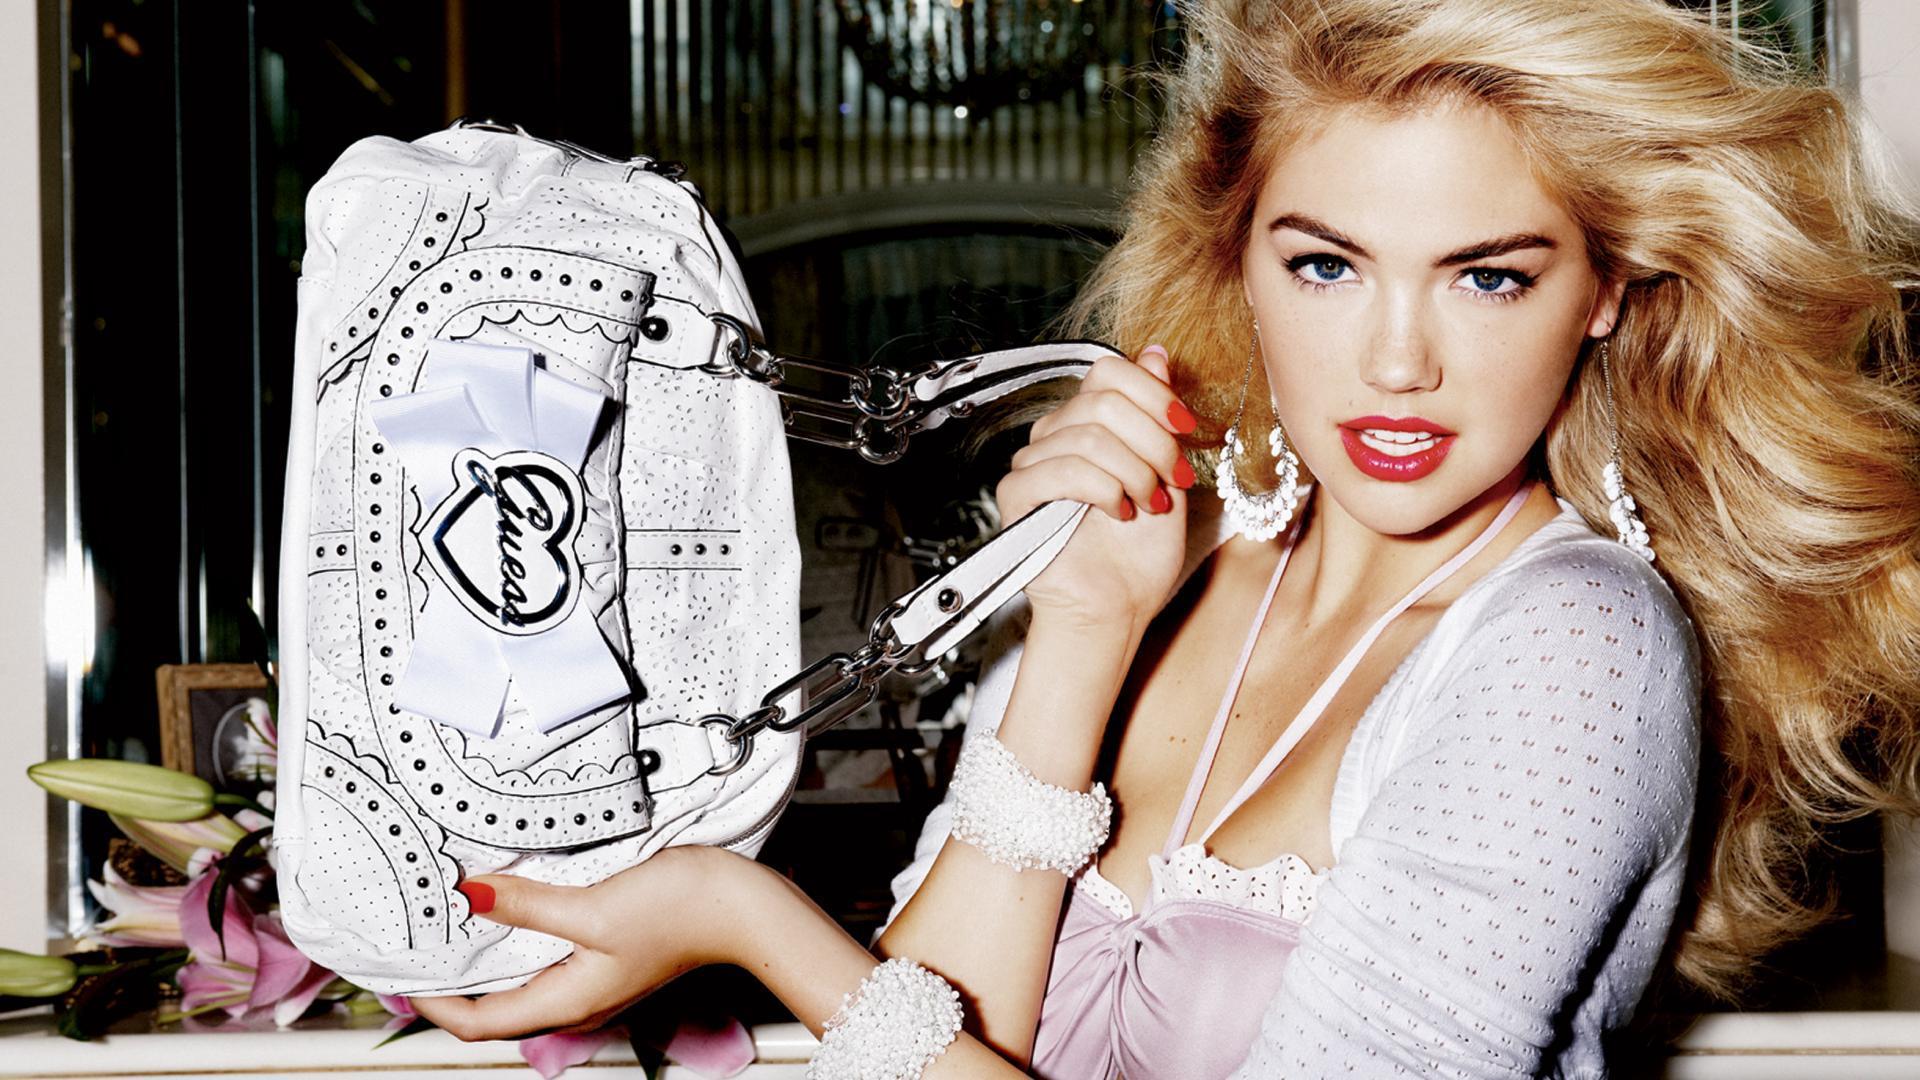 А вы уже знаете, где можно недорого купить качественную женскую сумку?